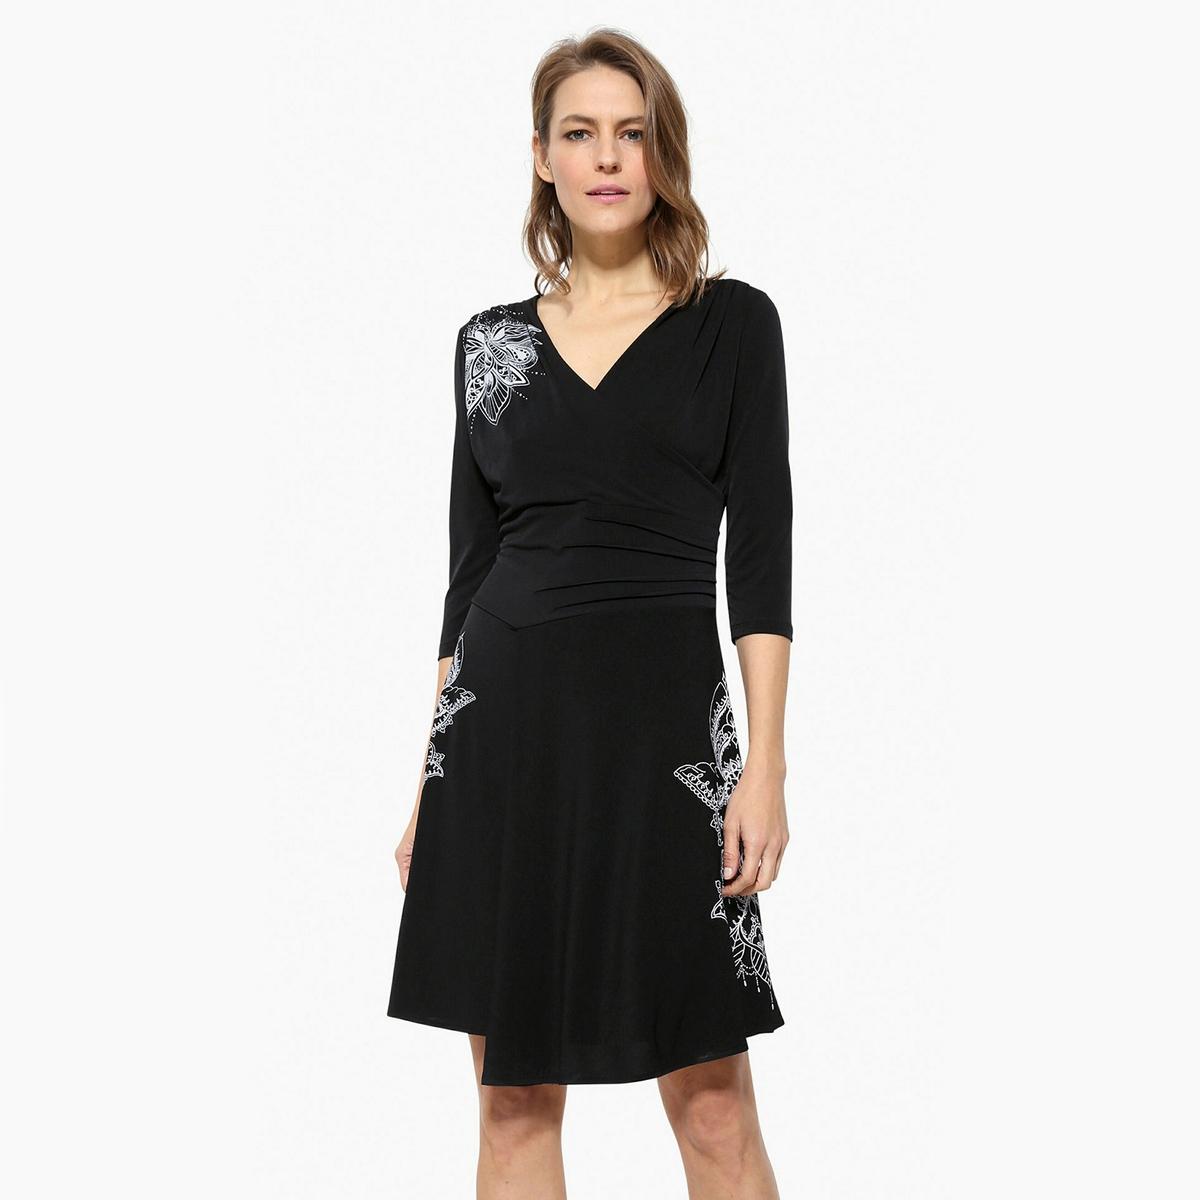 Платье короткое расклешенное с графичным рисункомДетали •  Форма : расклешенная •  Укороченная модель •  Рукава 3/4    •  Круглый вырез  •  Графичный рисунокСостав и уход •  96% вискозы, 4% эластана •  Следуйте рекомендациям по уходу, указанным на этикетке изделия<br><br>Цвет: черный<br>Размер: XL